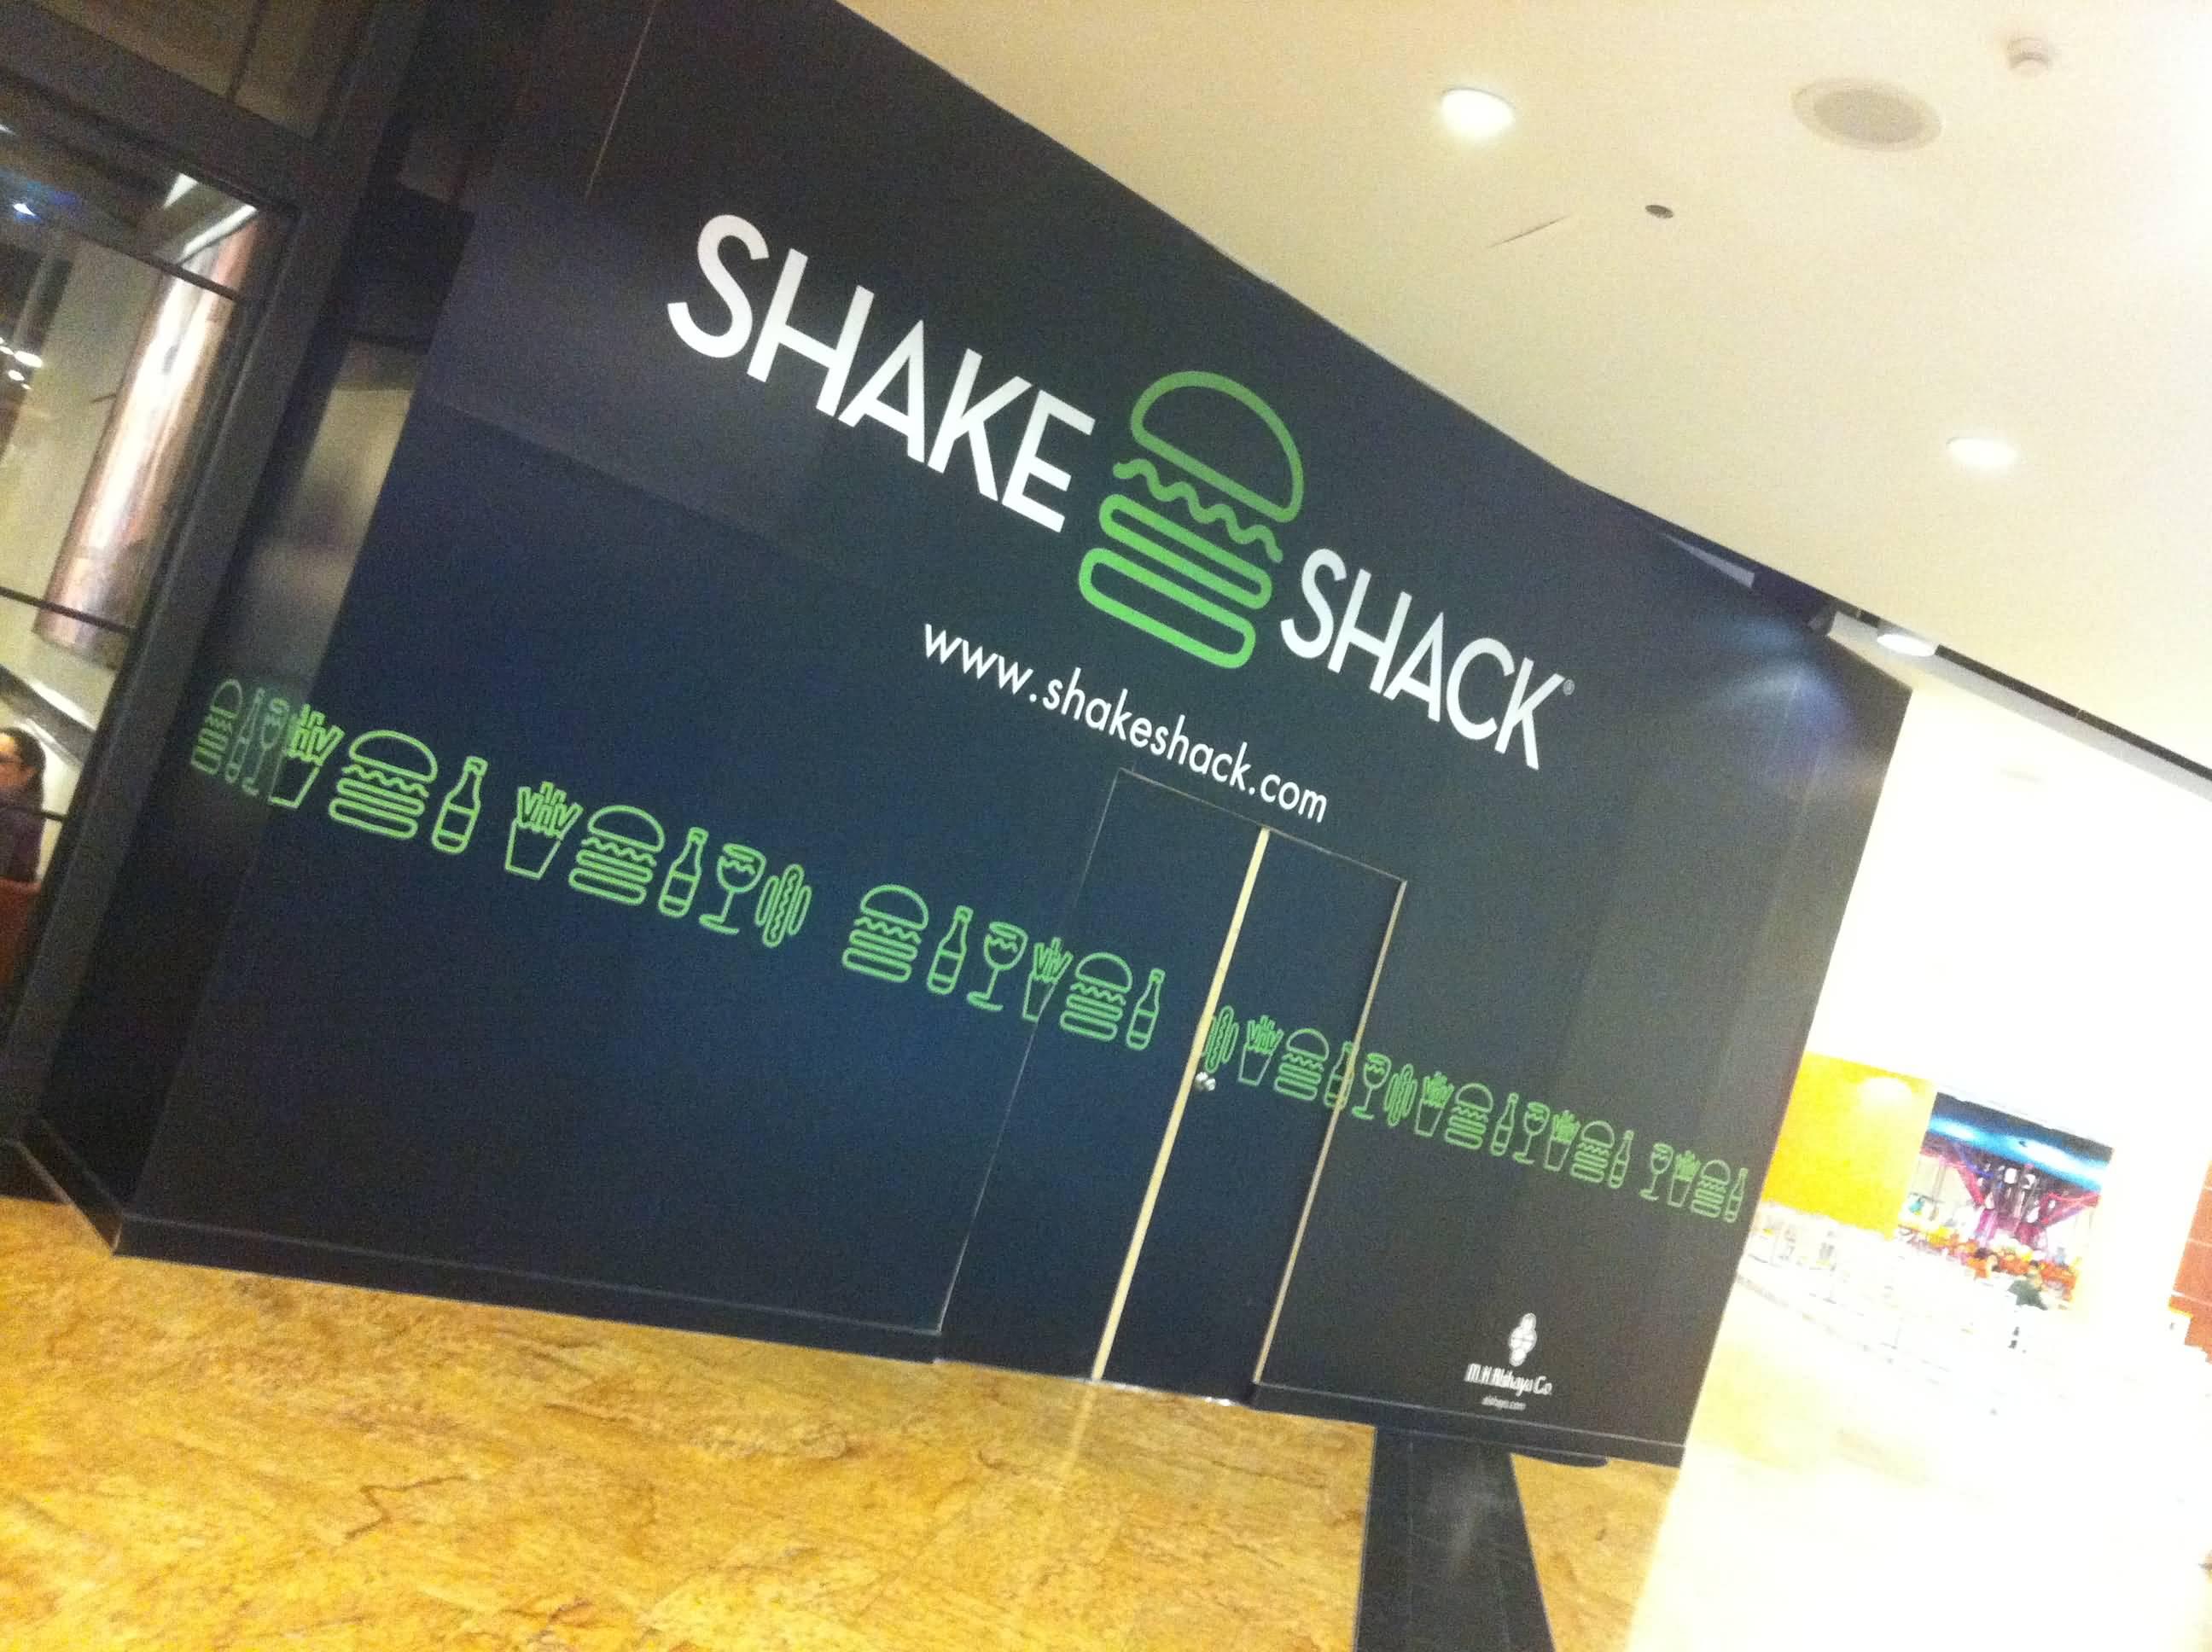 صورة مطعم شيك شاك يتعاون مع فنانيين تشكيليين محليين لتحويل فروعه الى أماكن إبداعية